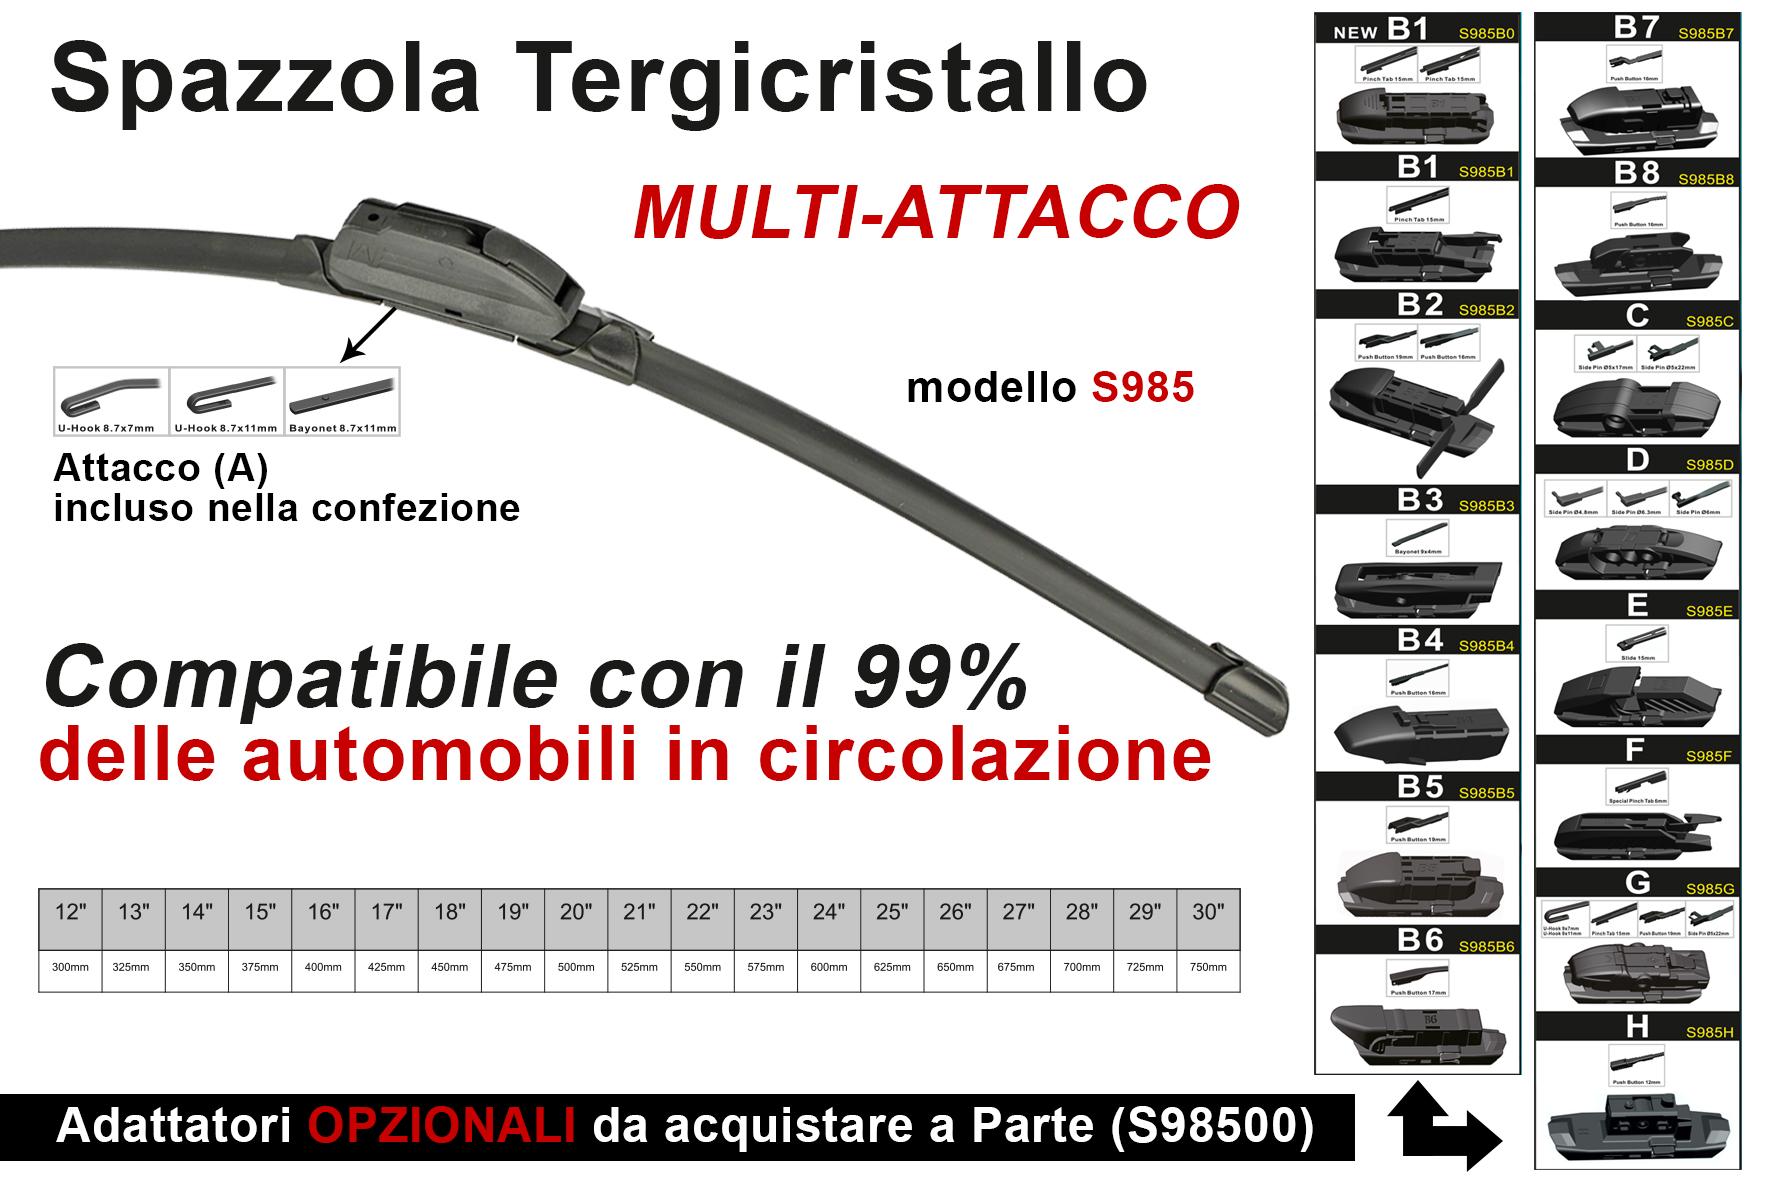 Spazzola Tergicristallo Auto Universale S985 22`` 550mm Carall 16 Attacchi Opzionale - PZ